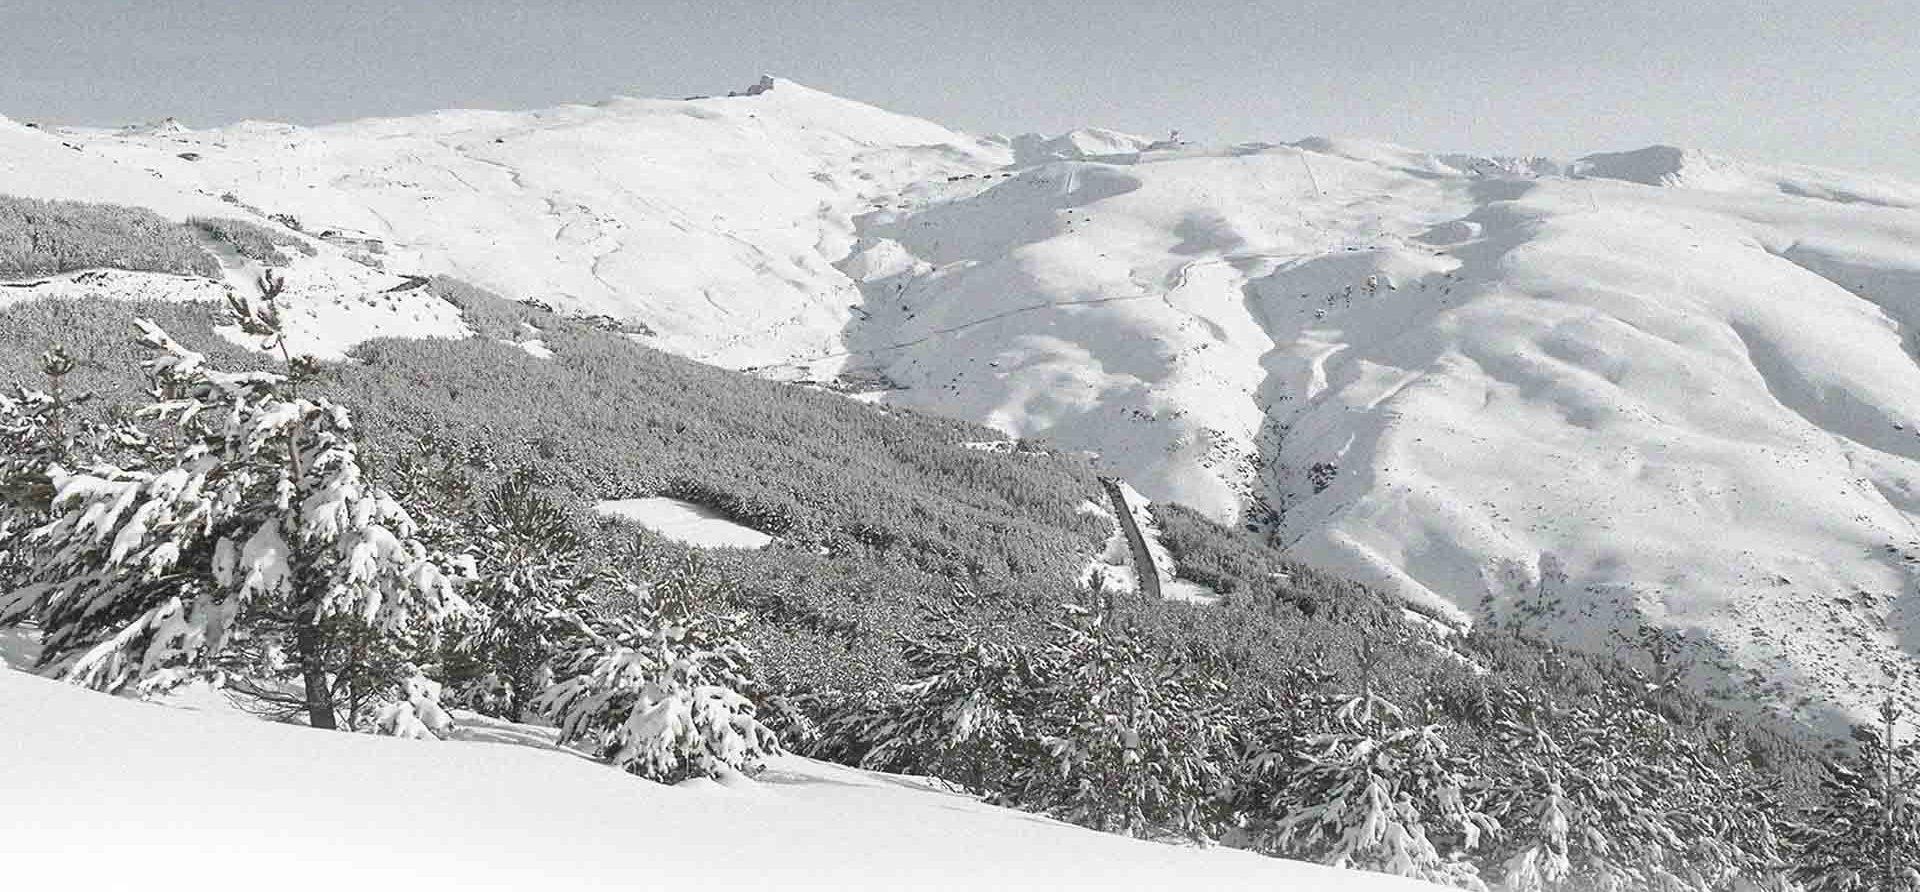 Algunas recomendaciones para evitar situaciones de peligro en la montaña